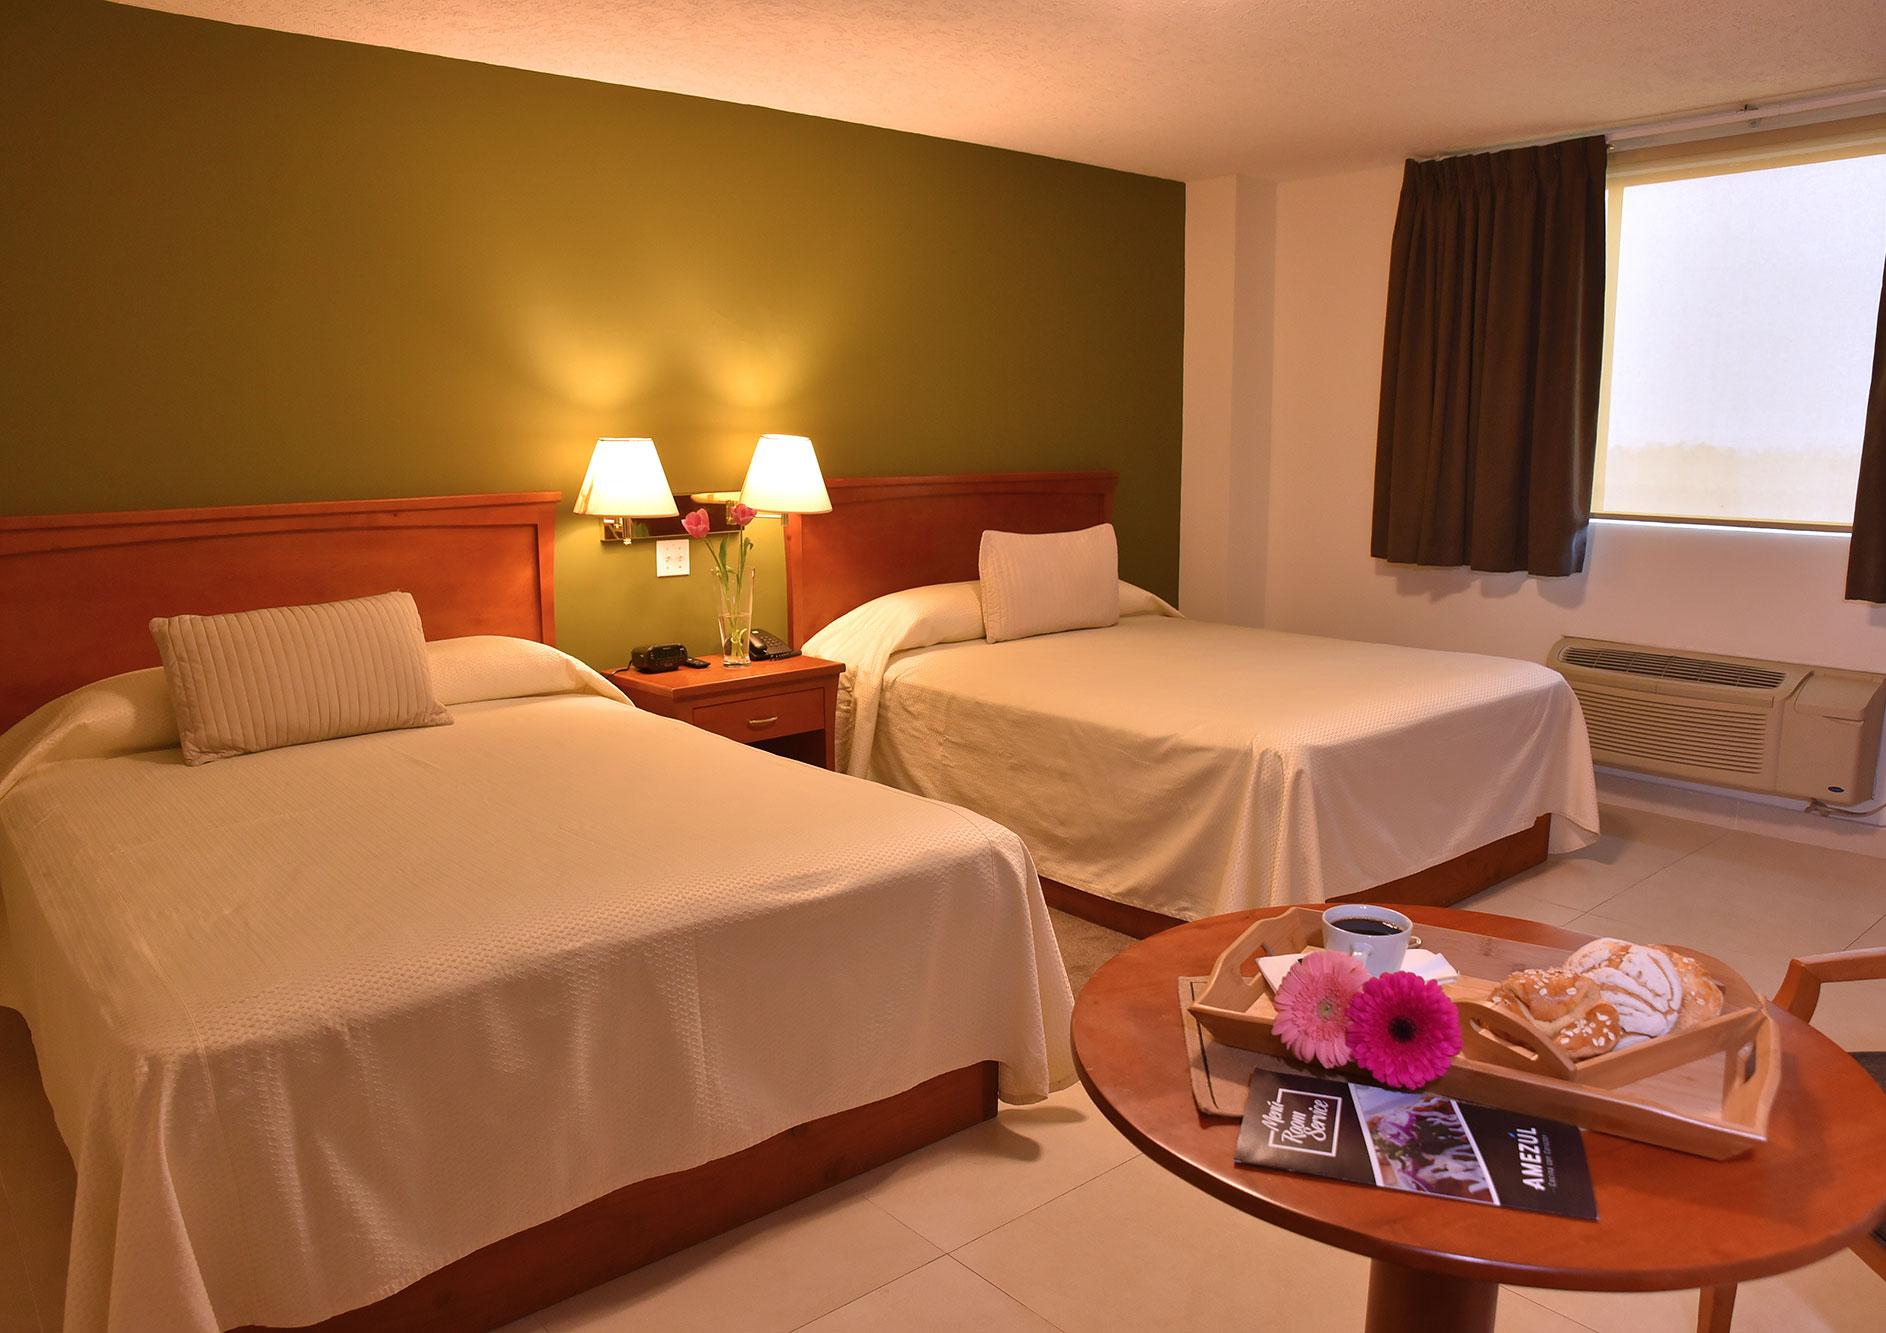 habitacon hotel la mesa tijuana